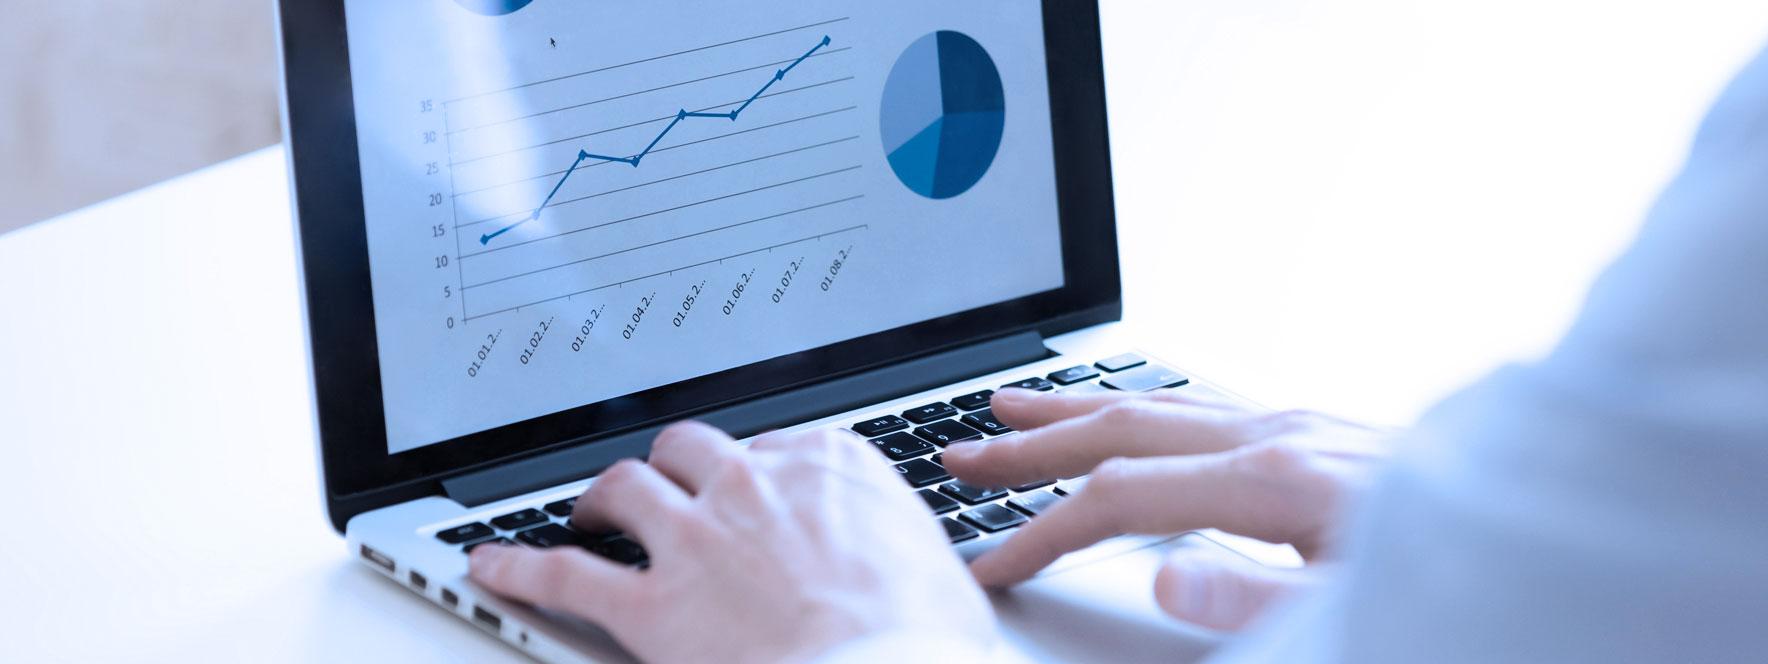 Utiliser un logiciel de comptabilité - Blogue du Réseau